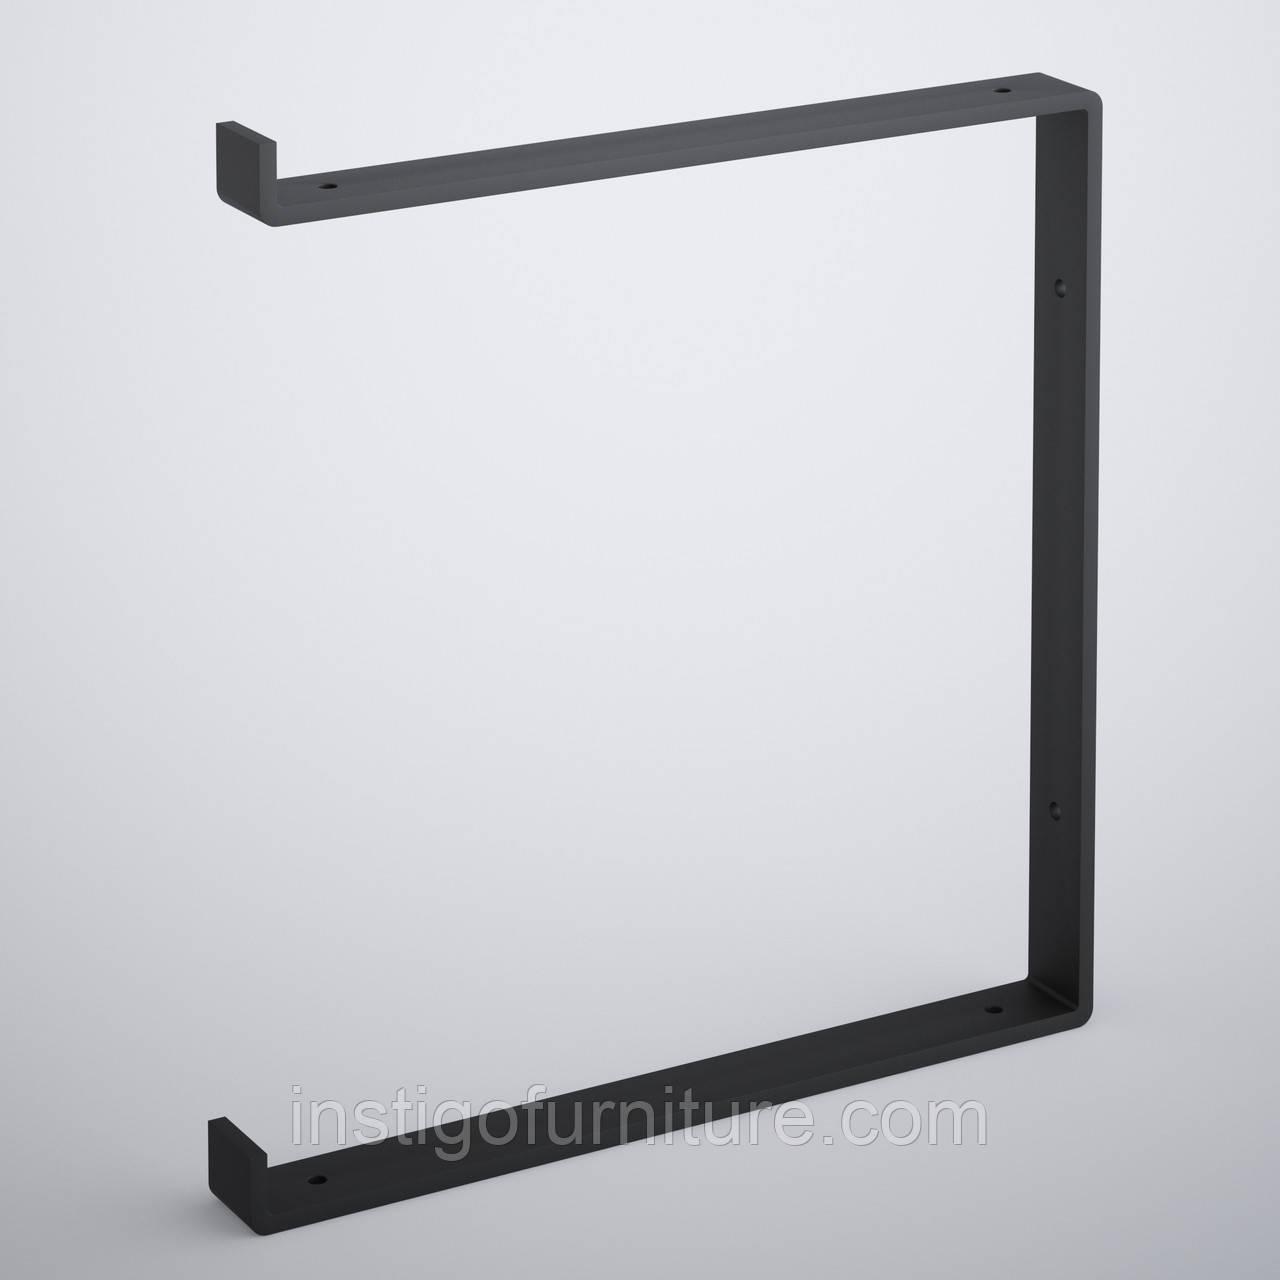 Кронштейн для полки из металла 312×30mm, H=340mm